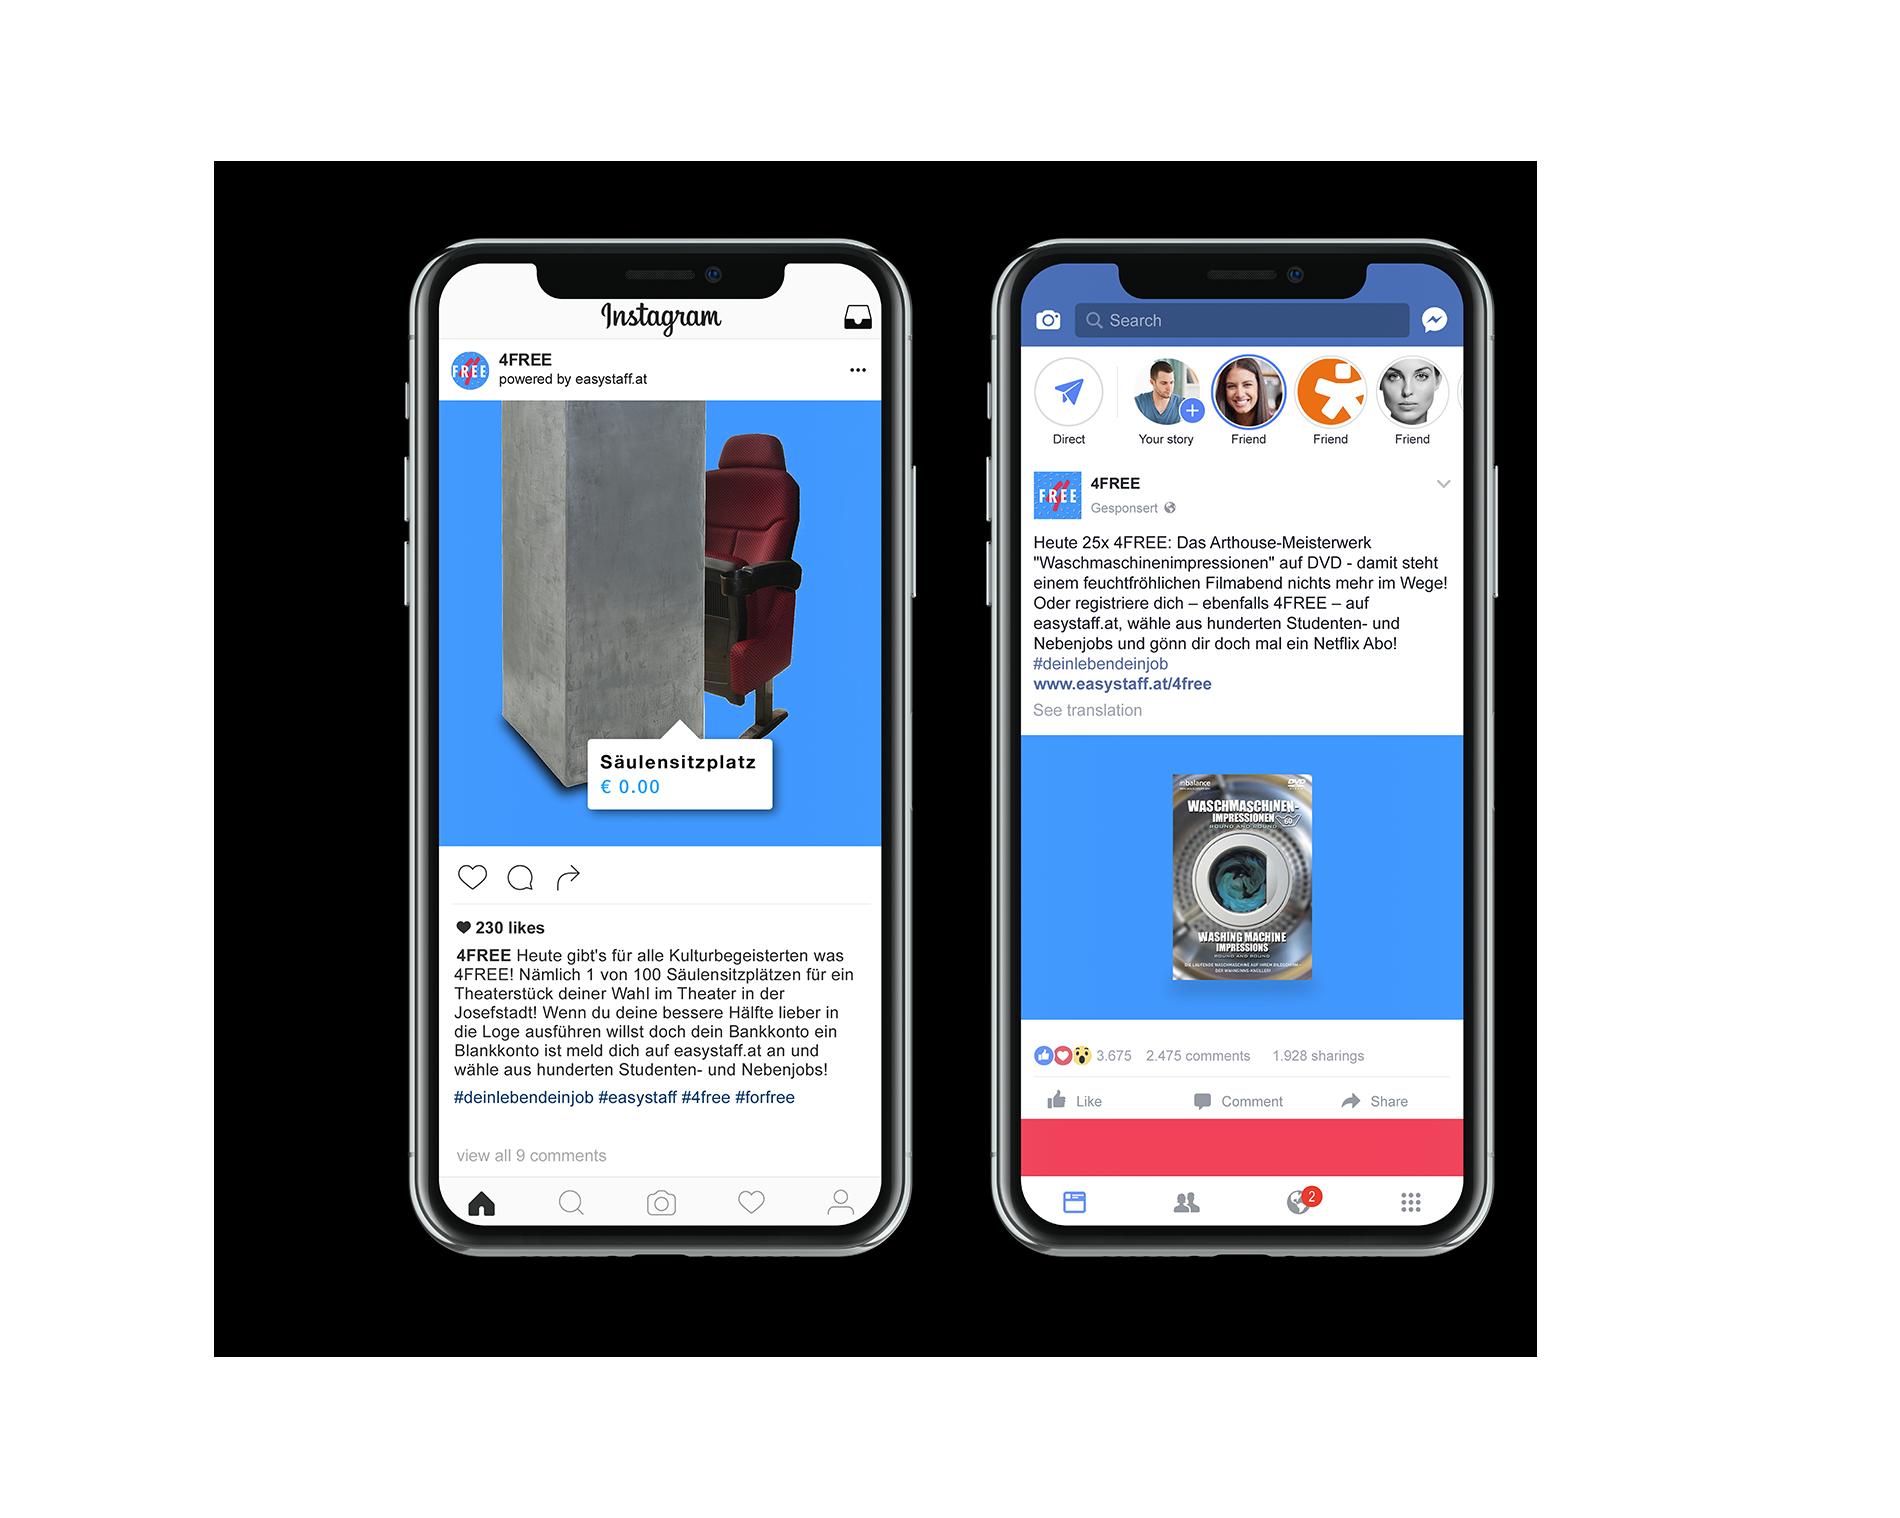 Young Lions Cyber Easy Stuff Mock Up Facebook Instagram Säulensitzplatz